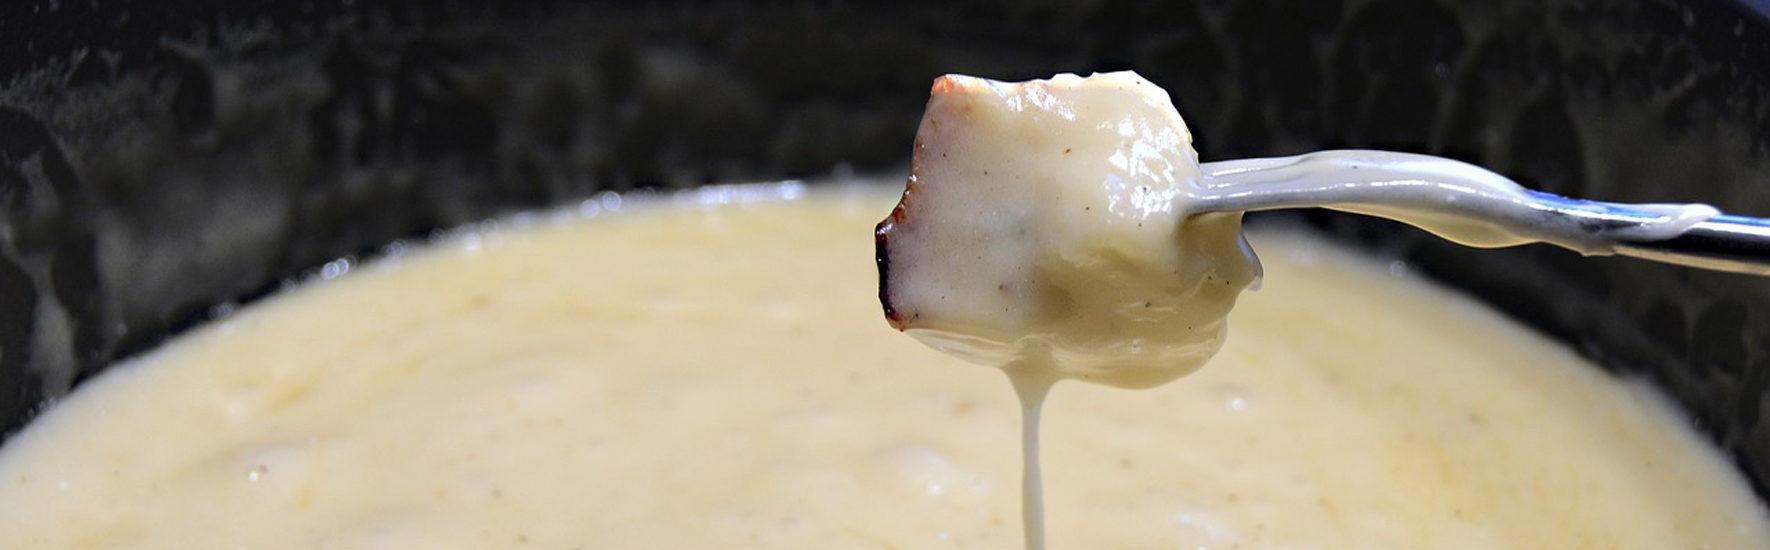 Tirolez ensina a fazer fondue de queijo